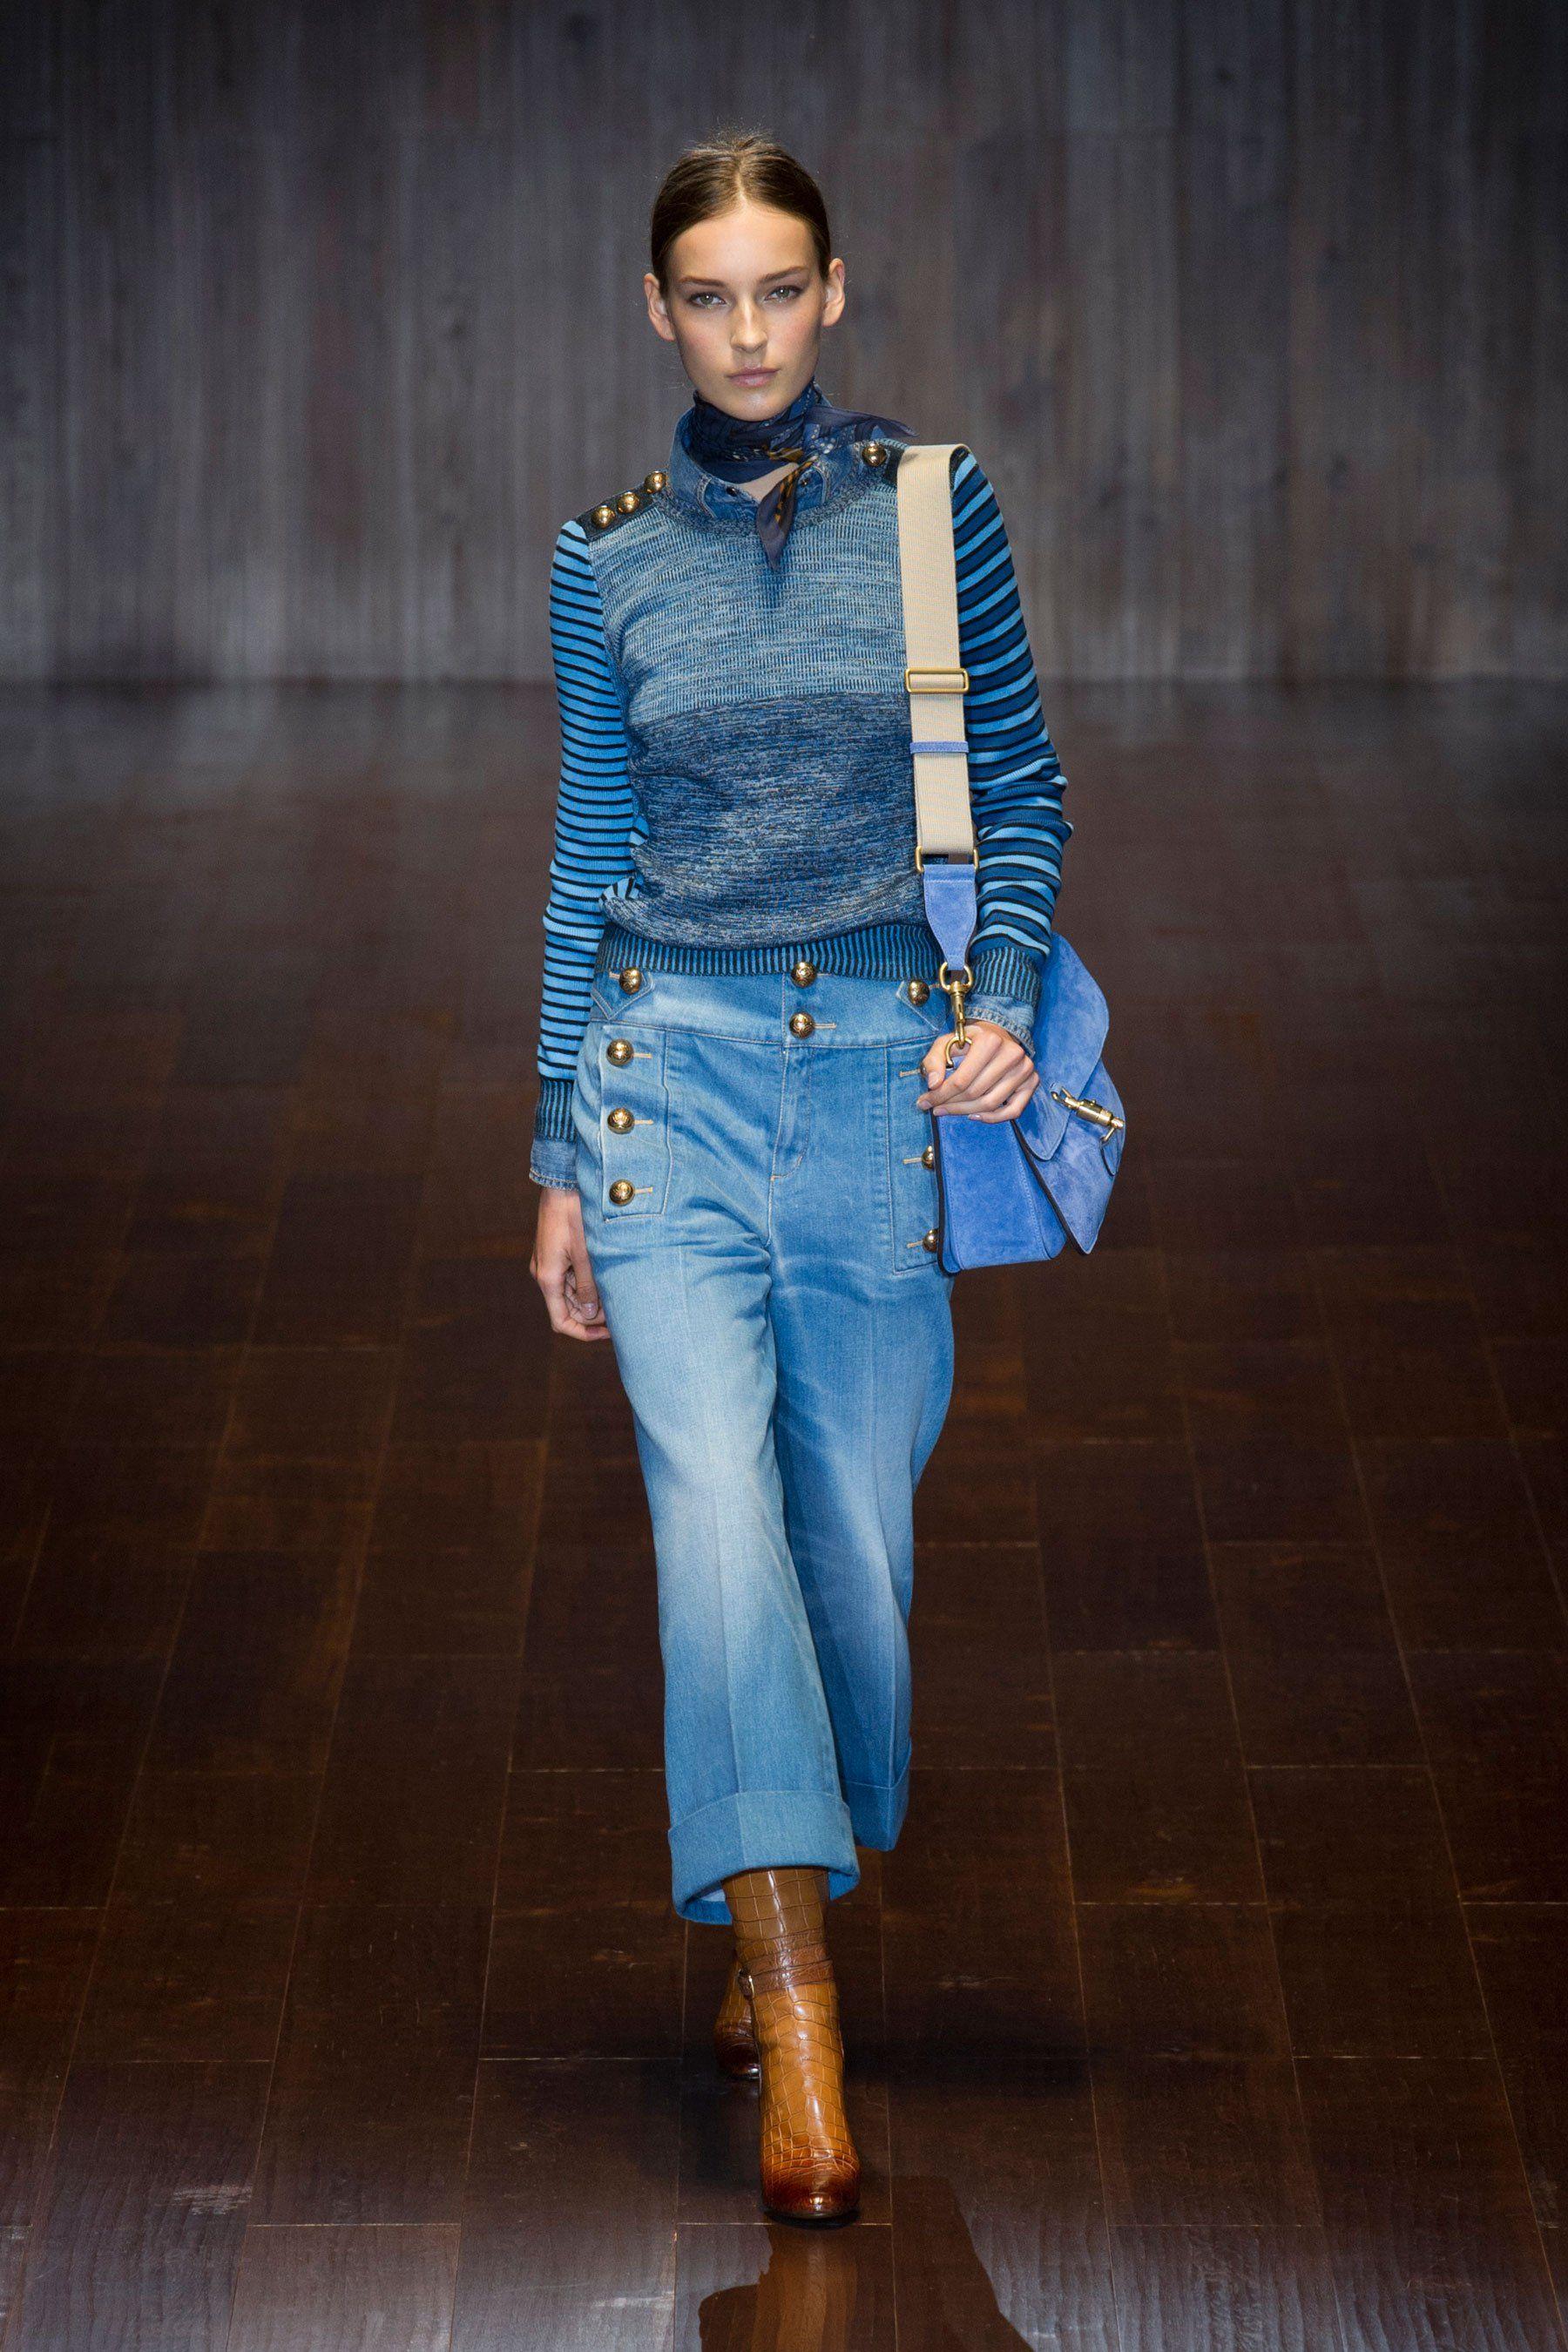 Модные джинсы осень-зима 2018-2019: тенденции, фото